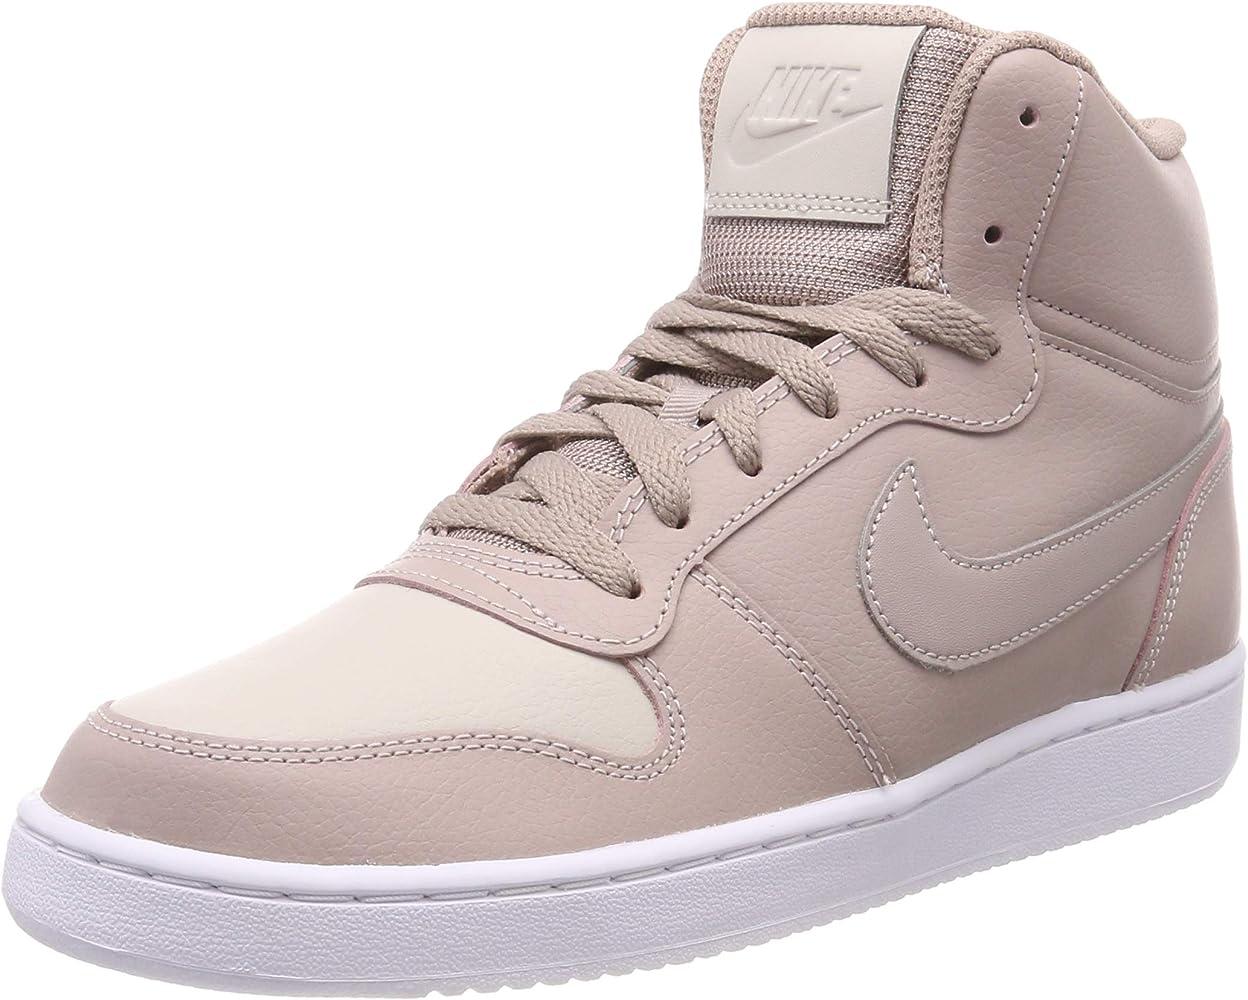 Nike Wmns Ebernon Mid, Zapatos de Baloncesto para Mujer